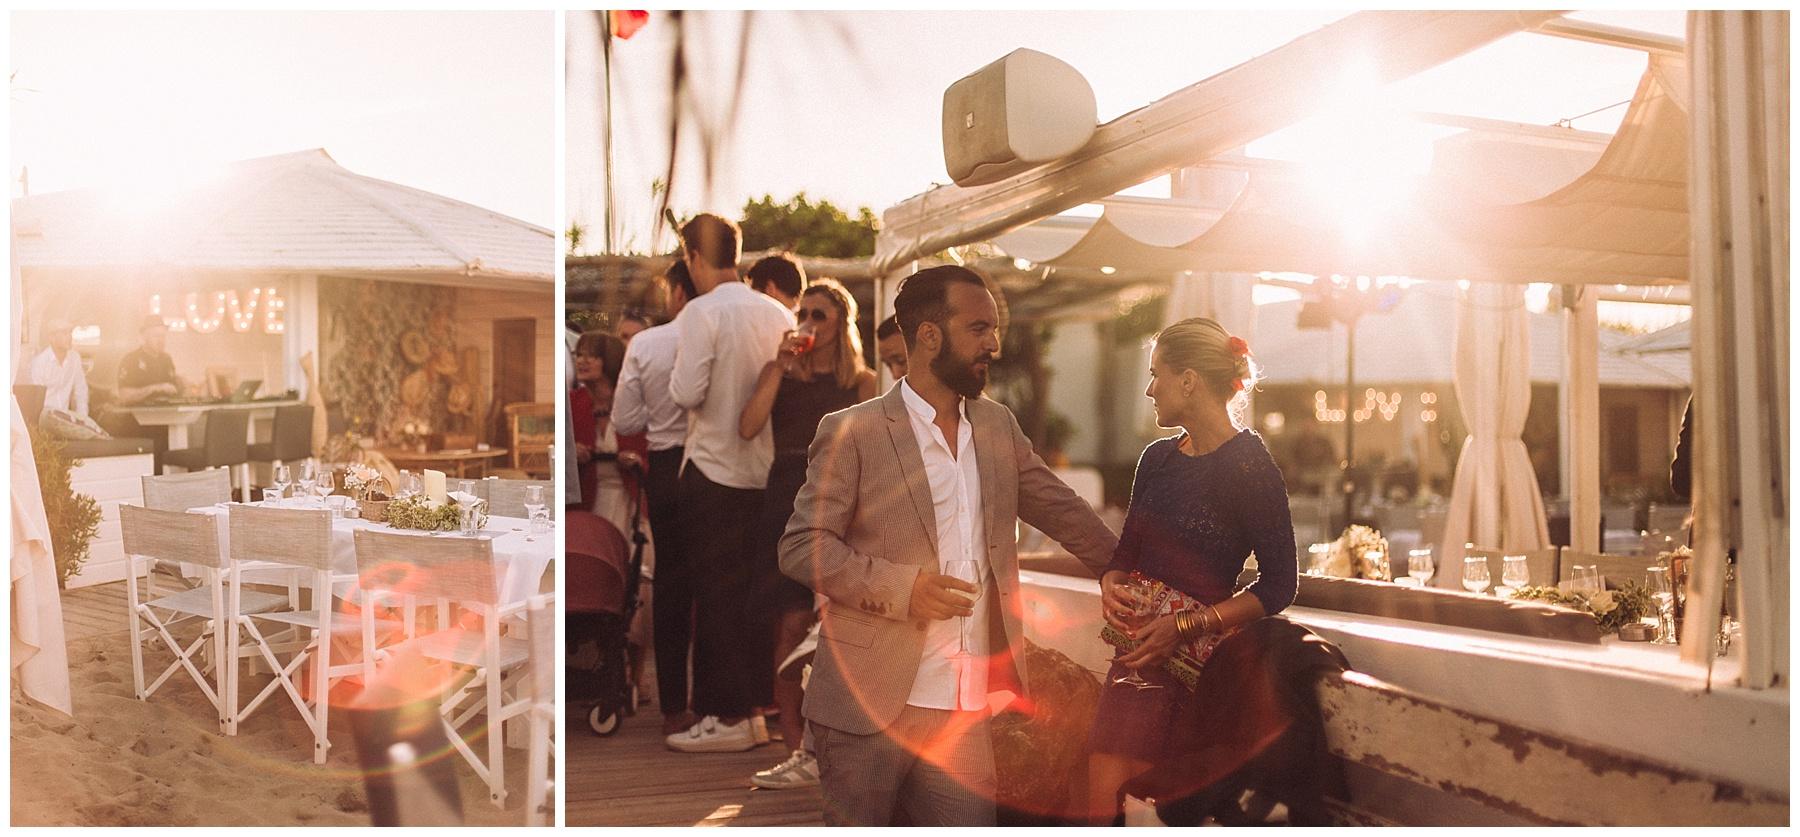 Mariage Cabane Bambou Saint Tropez